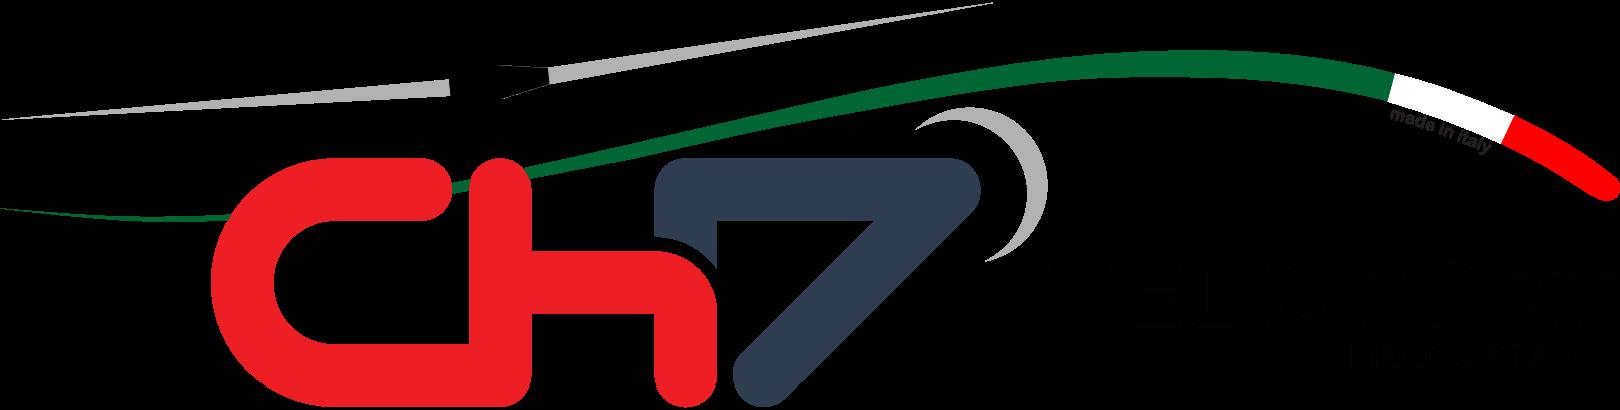 logo-ch7